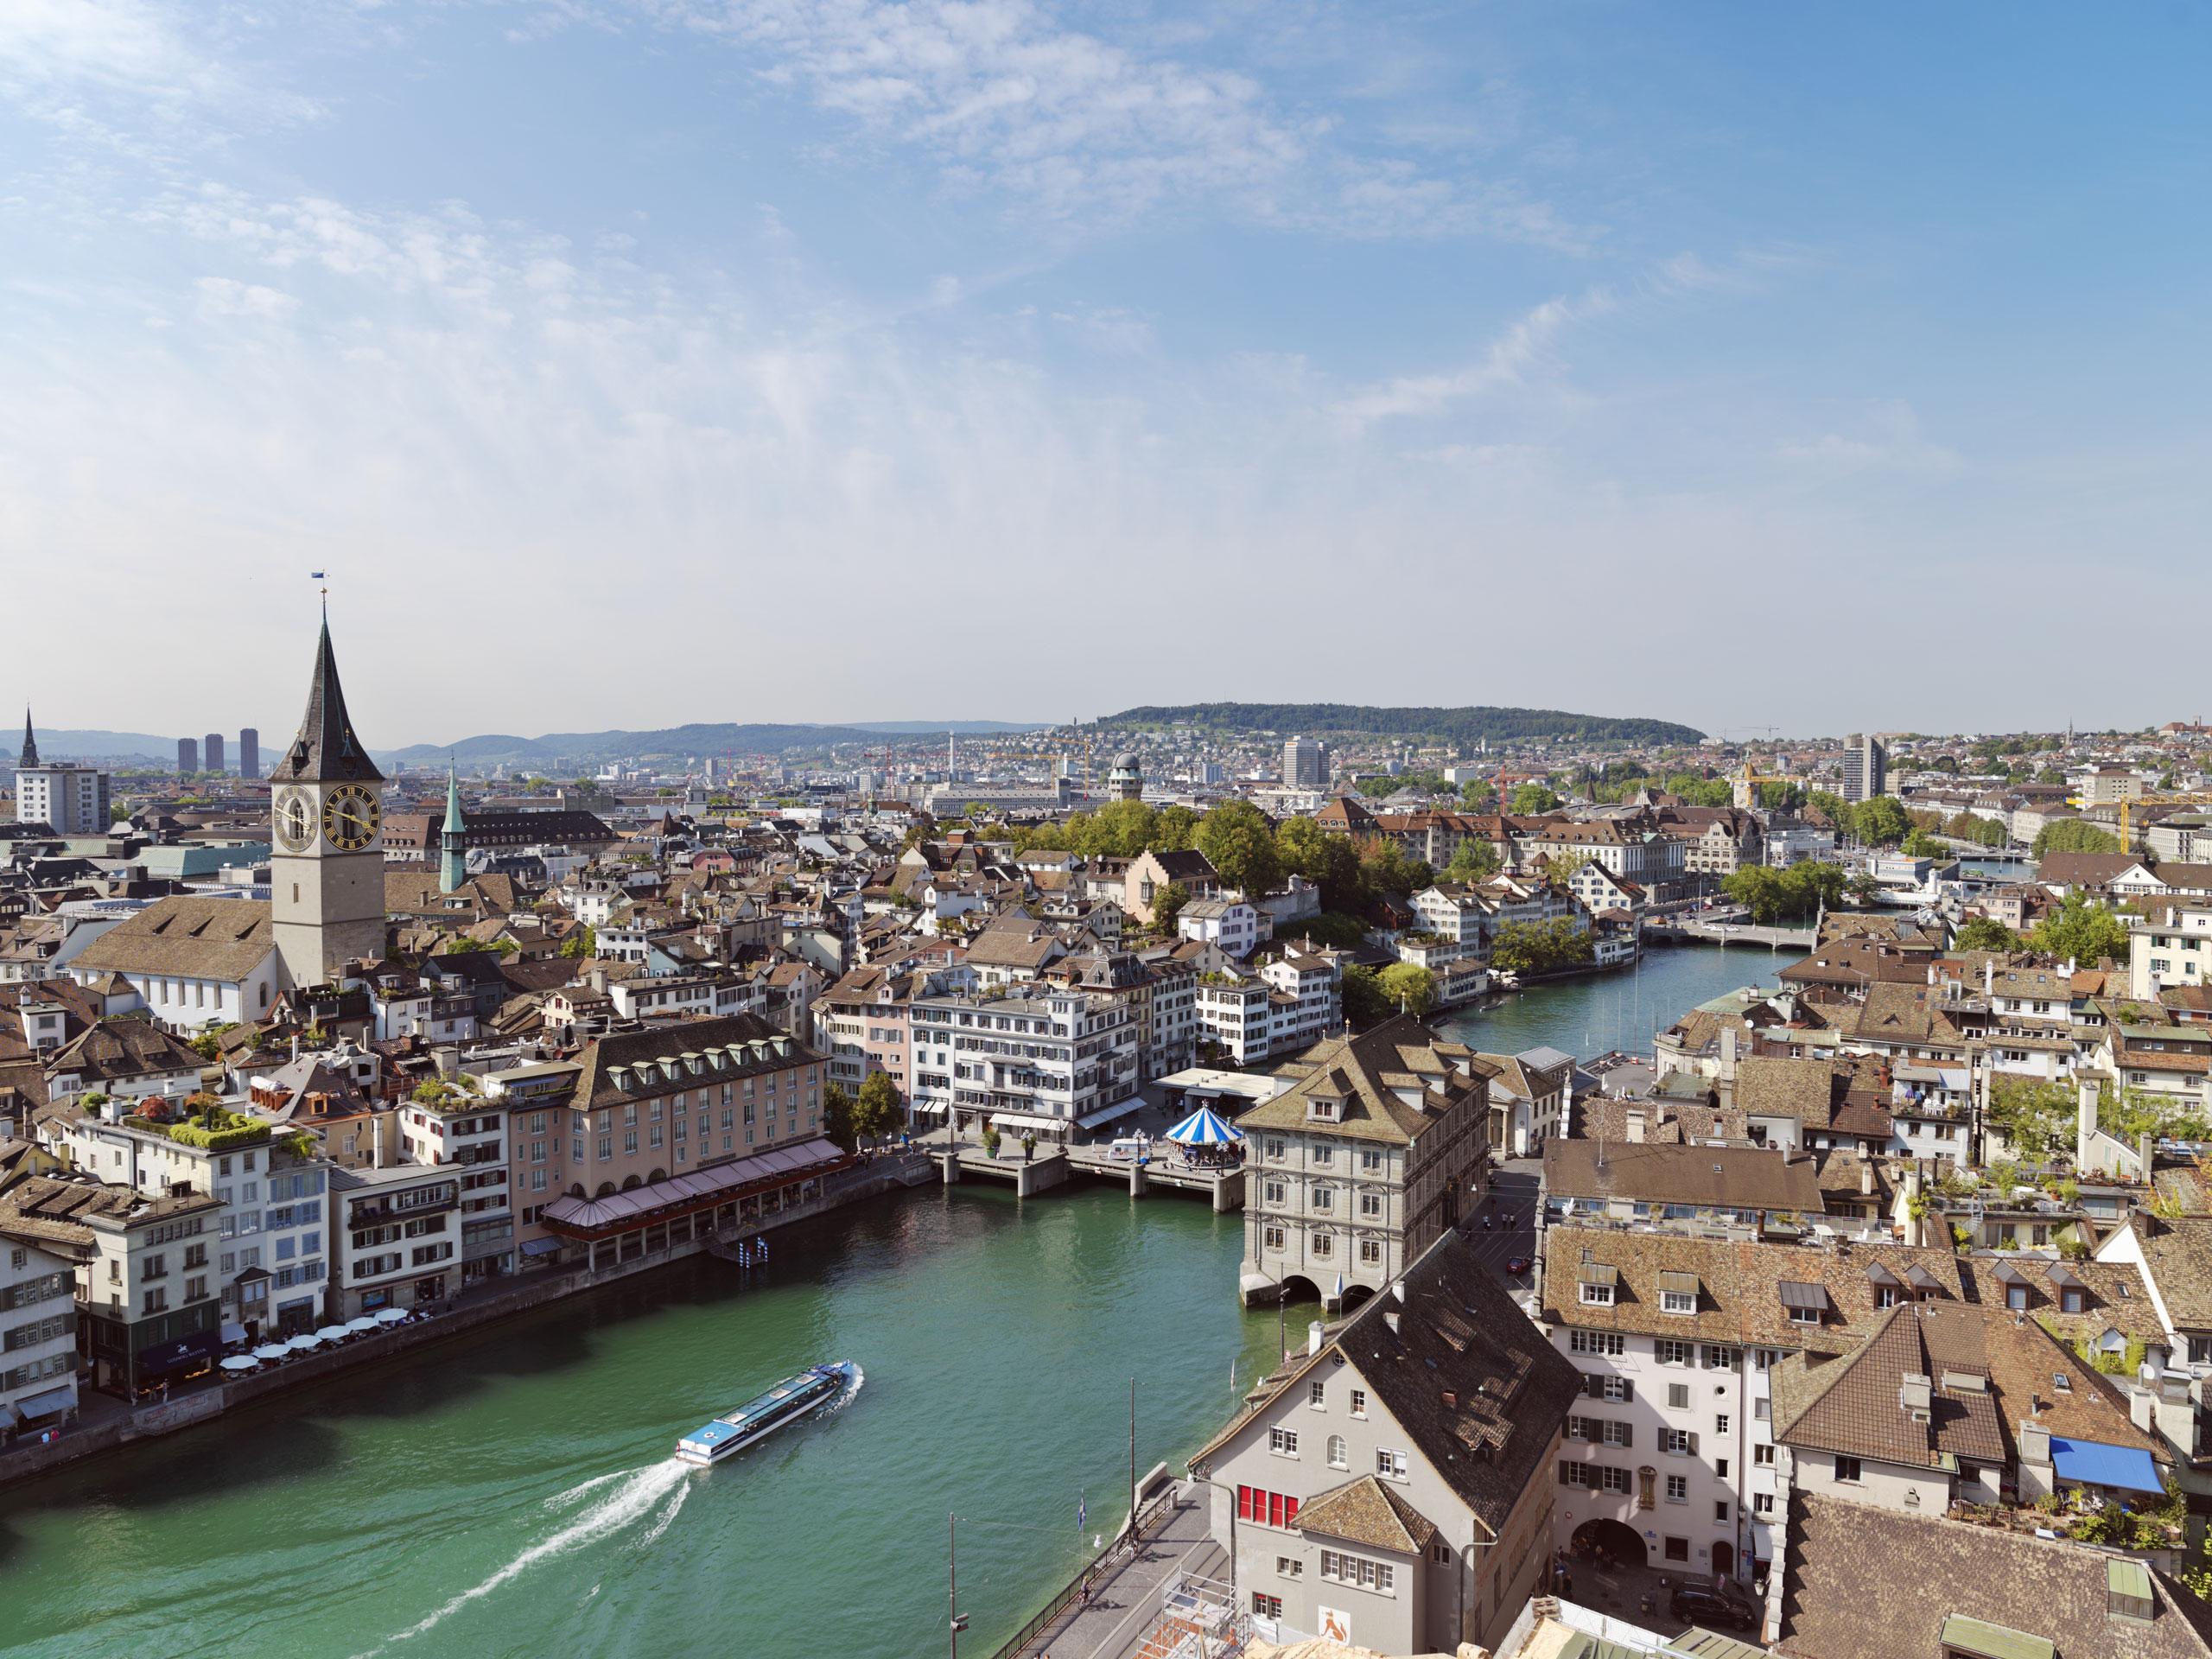 4. Zurich, Switzerland